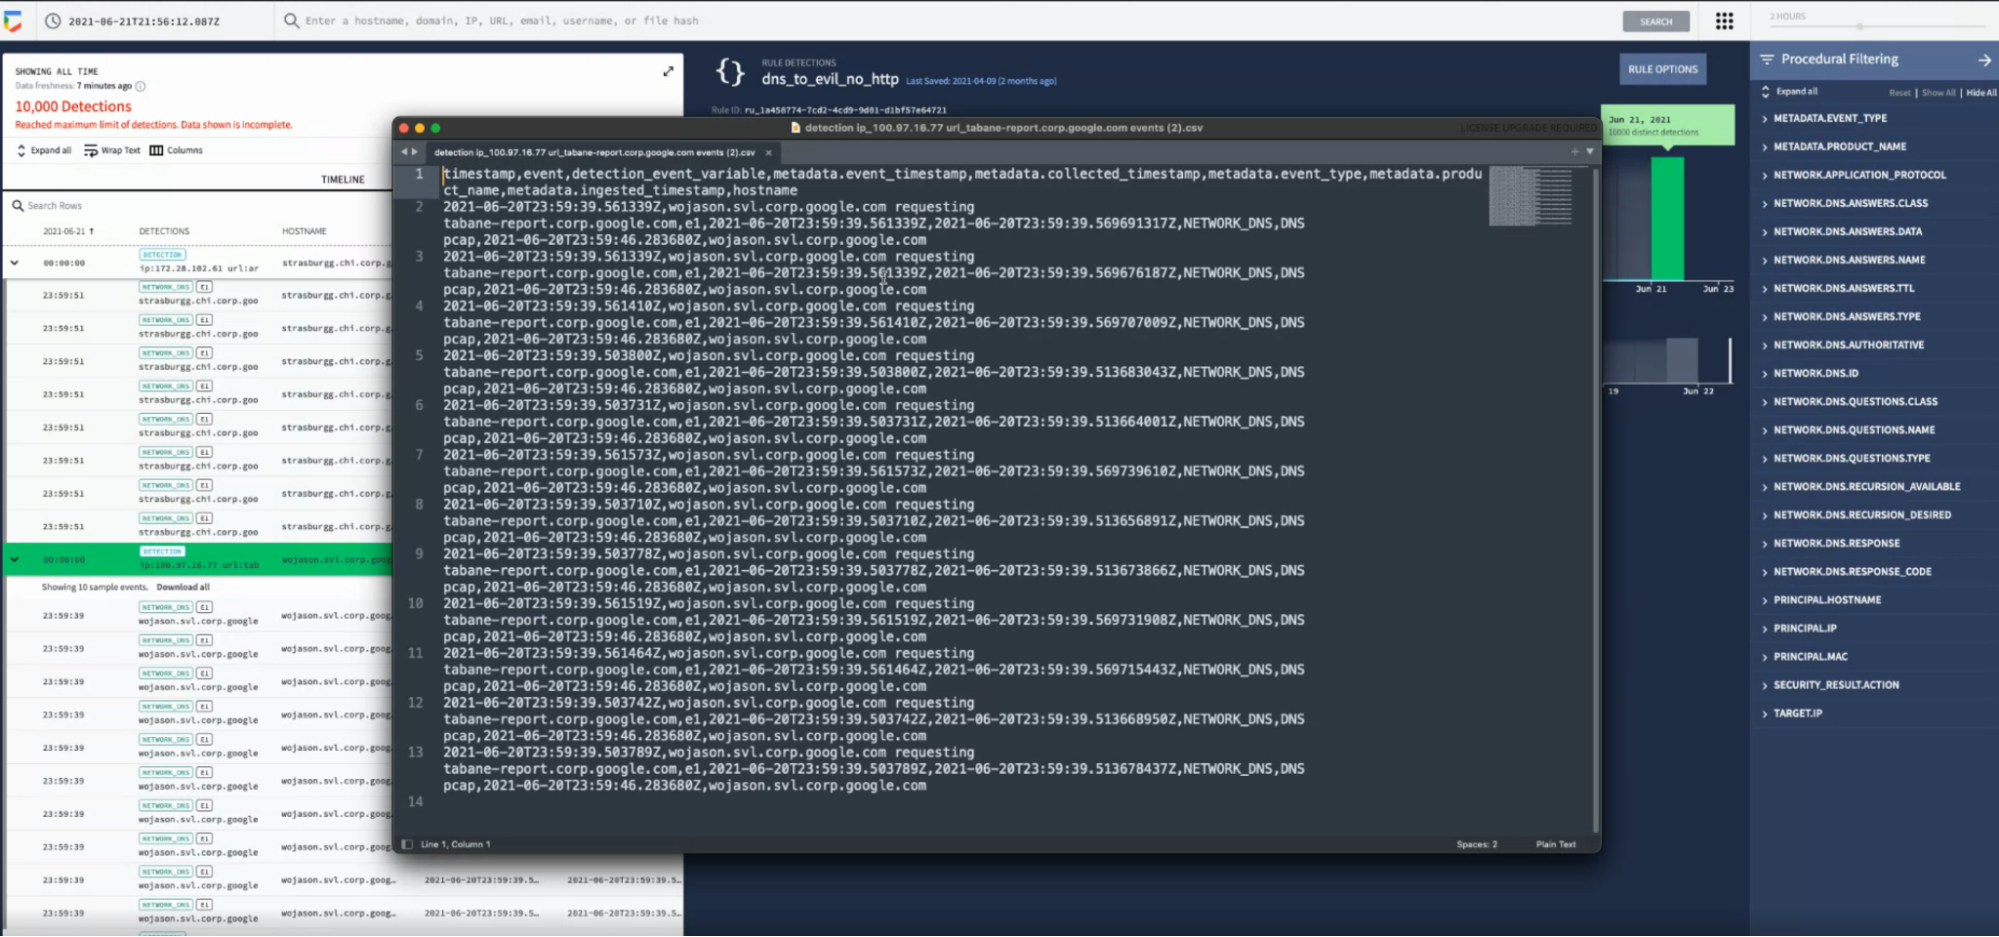 이벤트 샘플 CSV 파일